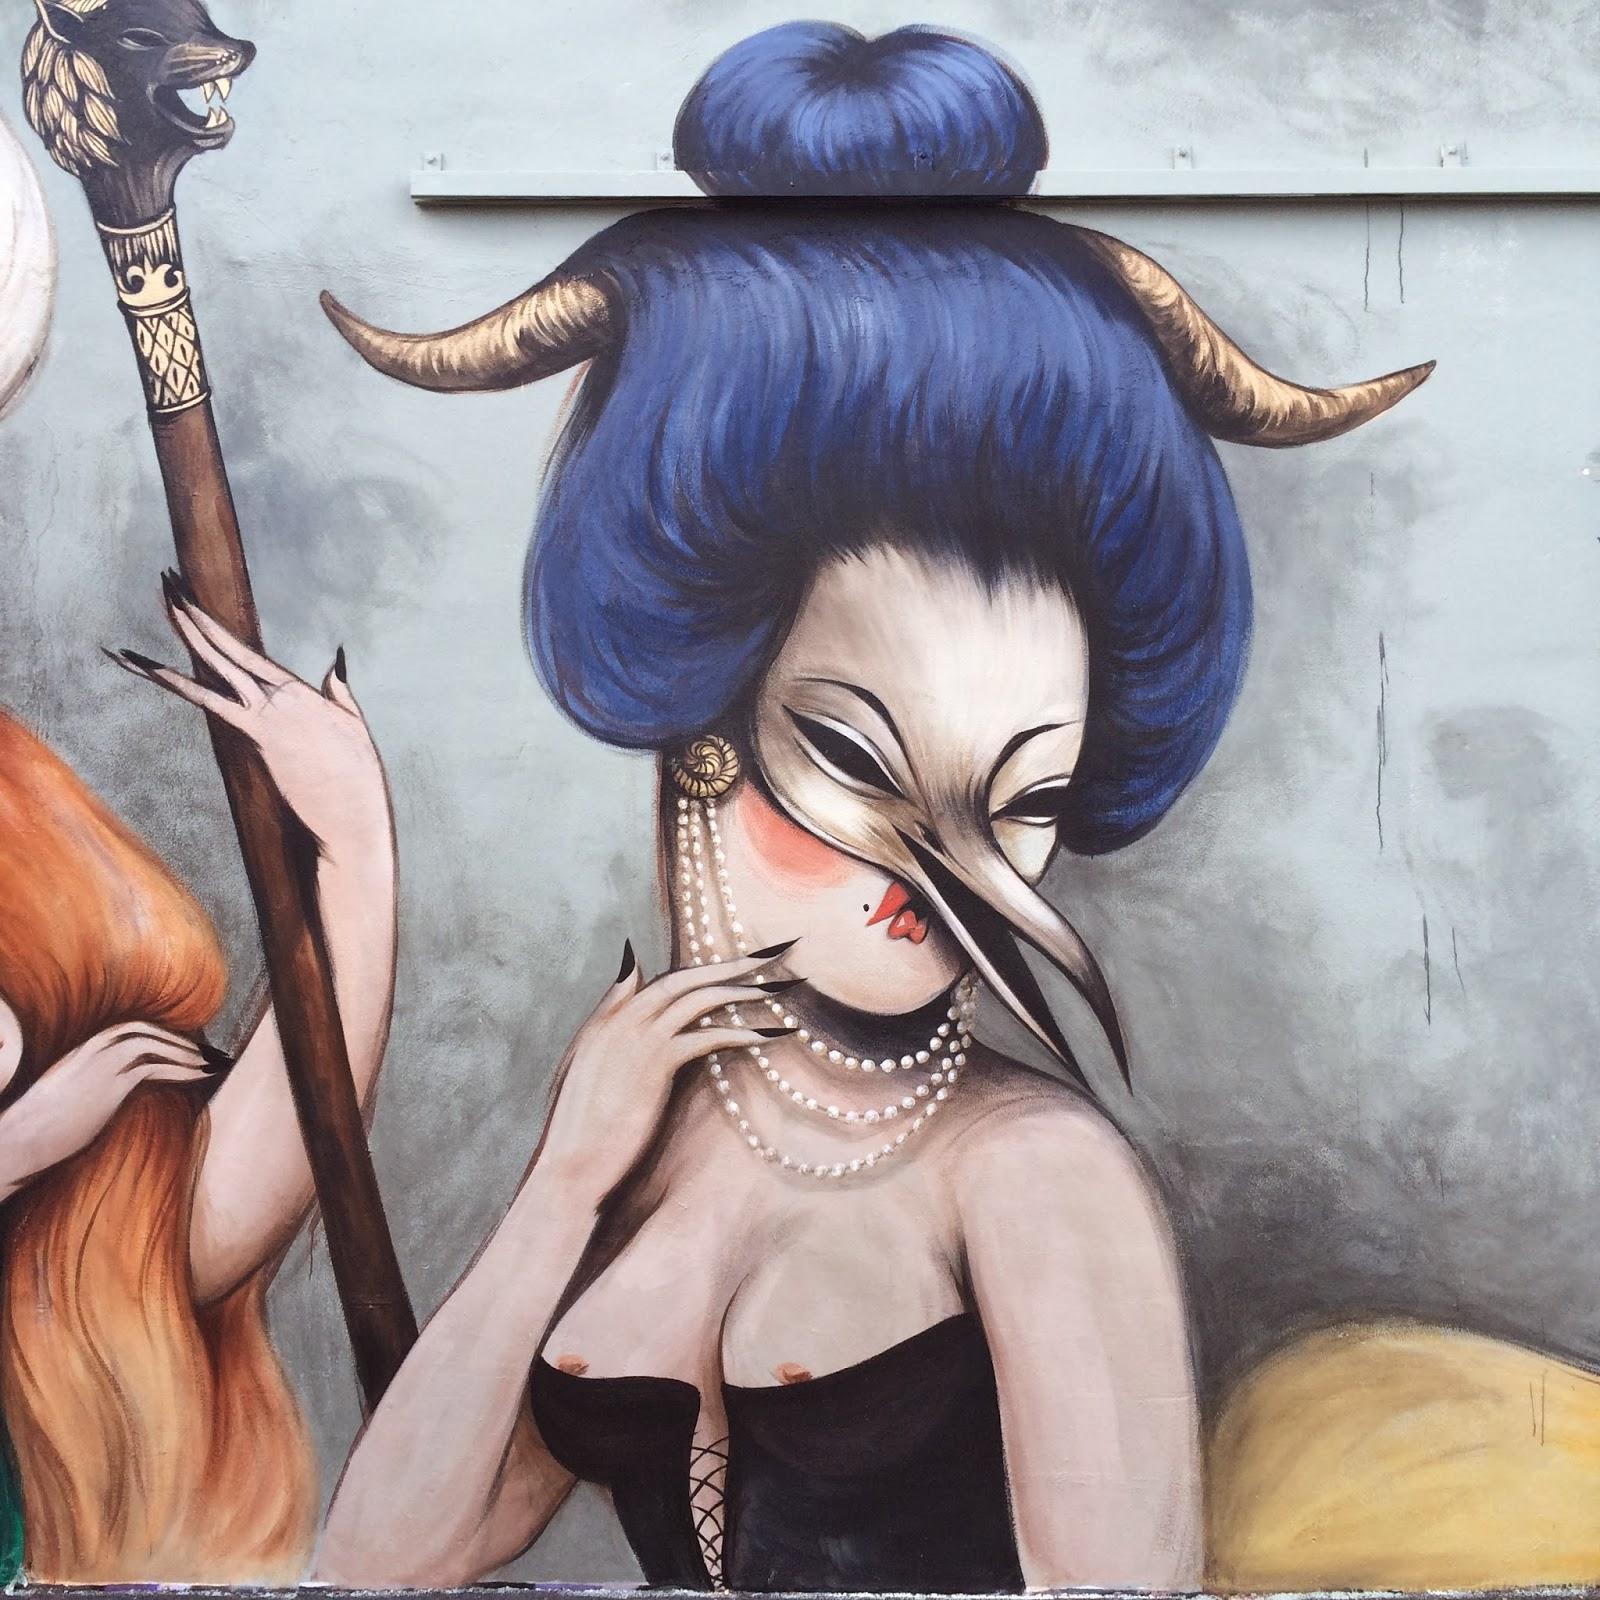 miss-van-new-mural-at-art-basel-2013-03